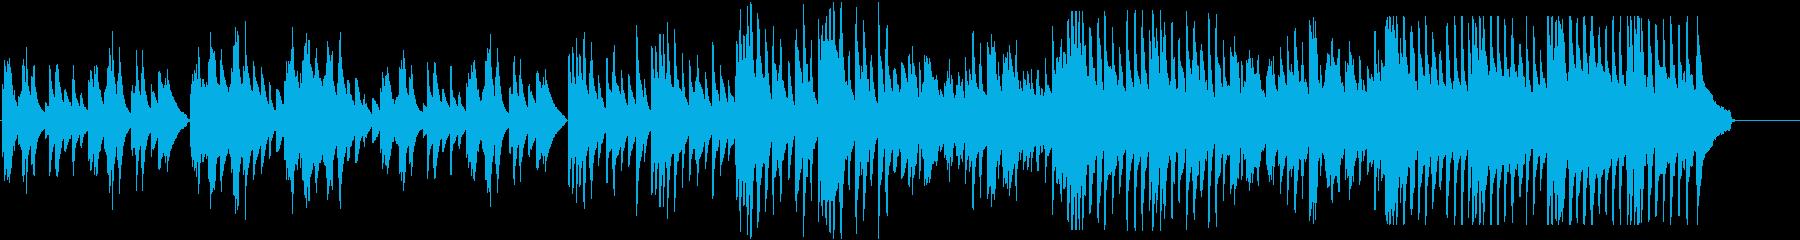 樹海や愛憎を感じさせるピアノソロの再生済みの波形